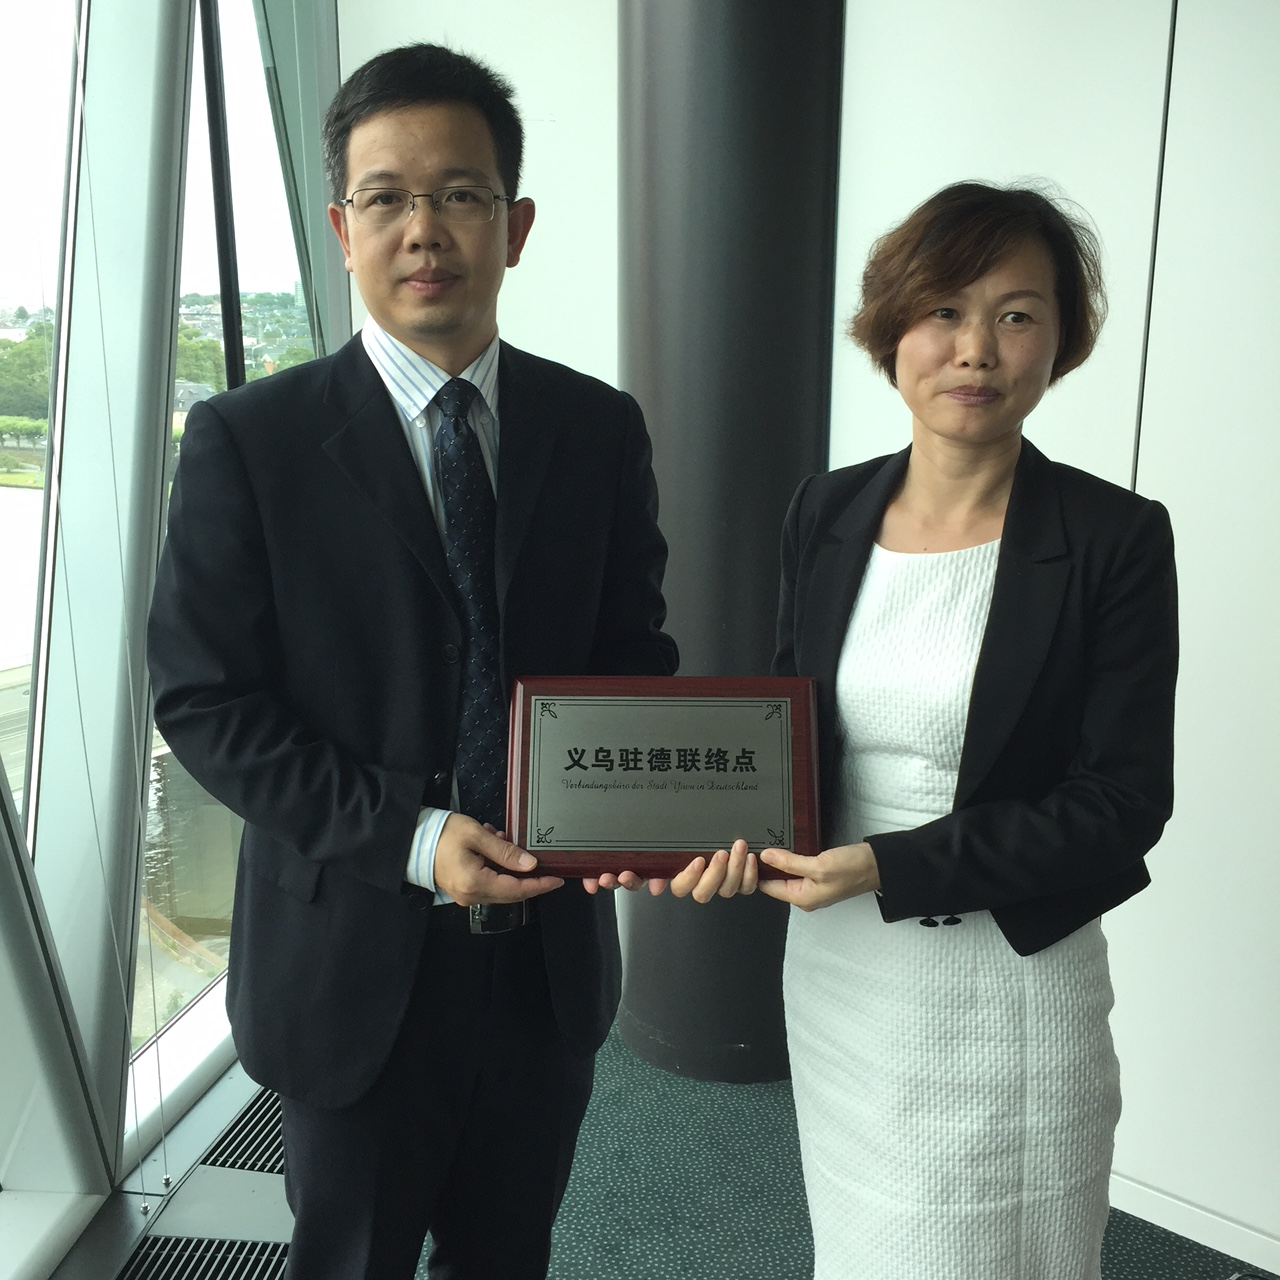 Repräsentanzleiterin LIU Zhuoying bei der Eröffnung der städtischen Vertretung mit Vize-Oberbürgermeister